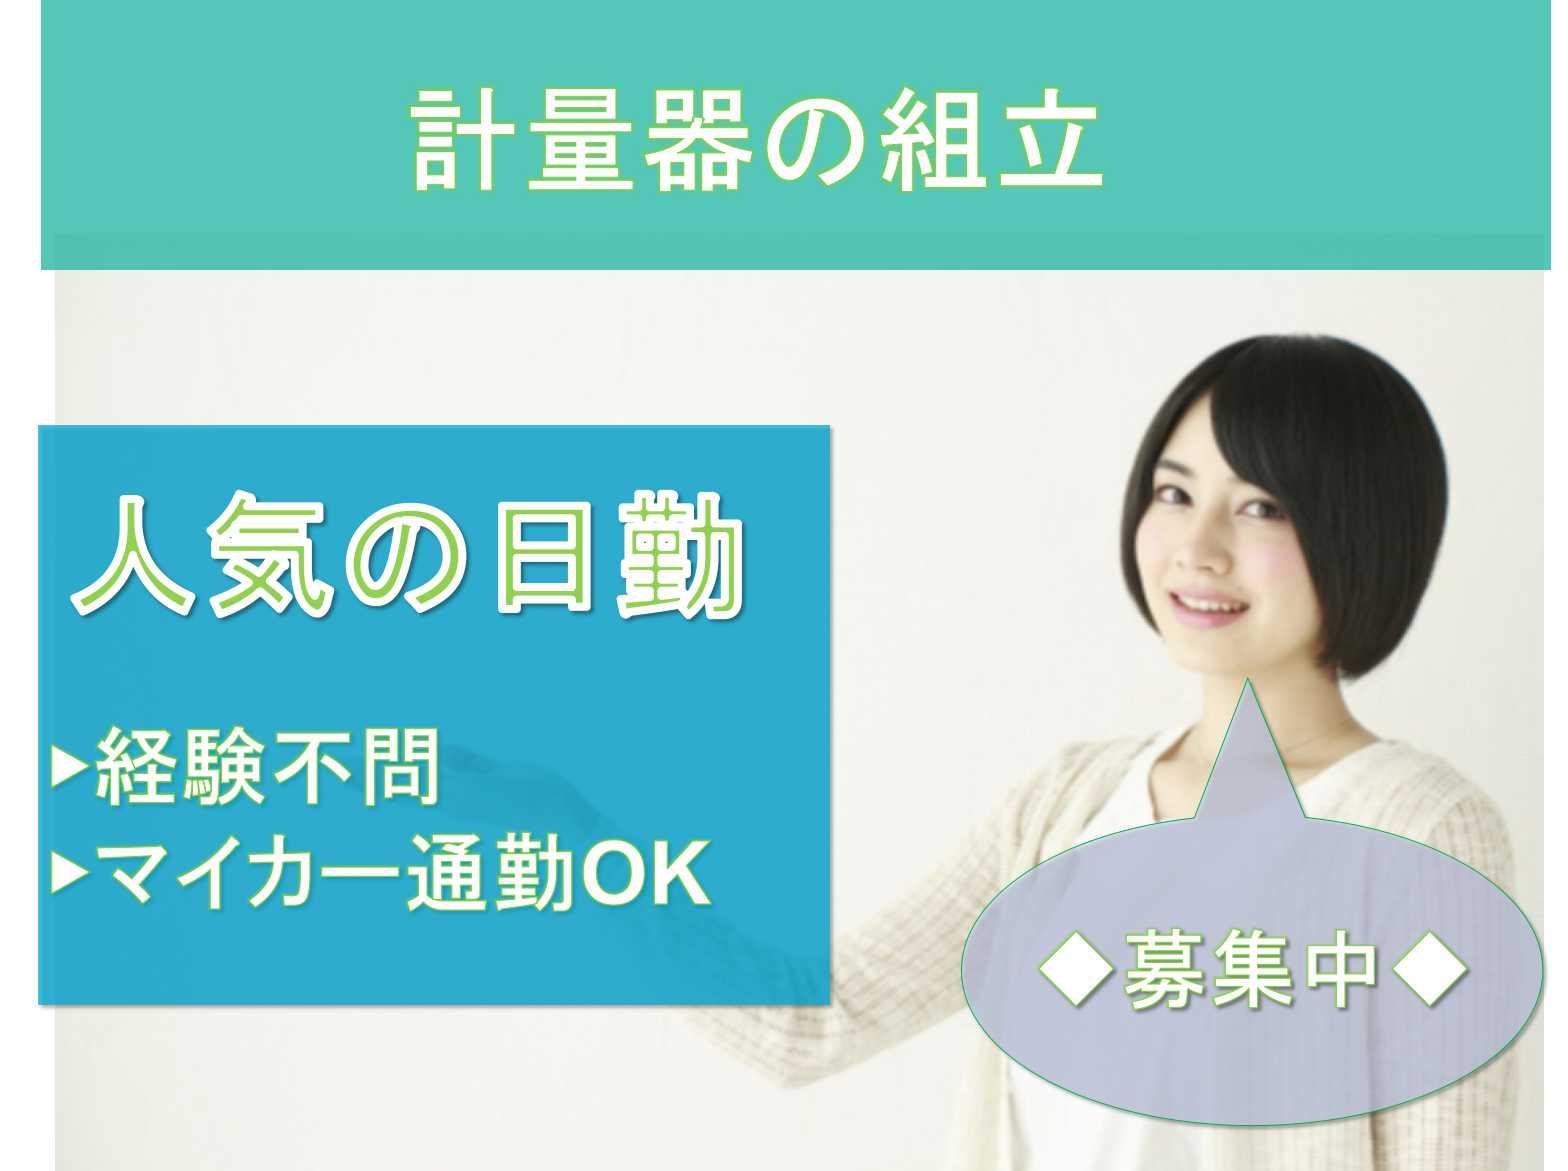 ◆人気の日勤専属◆【兵庫県明石市】◆経験不問◆計量器の組立◆募集中◆ イメージ